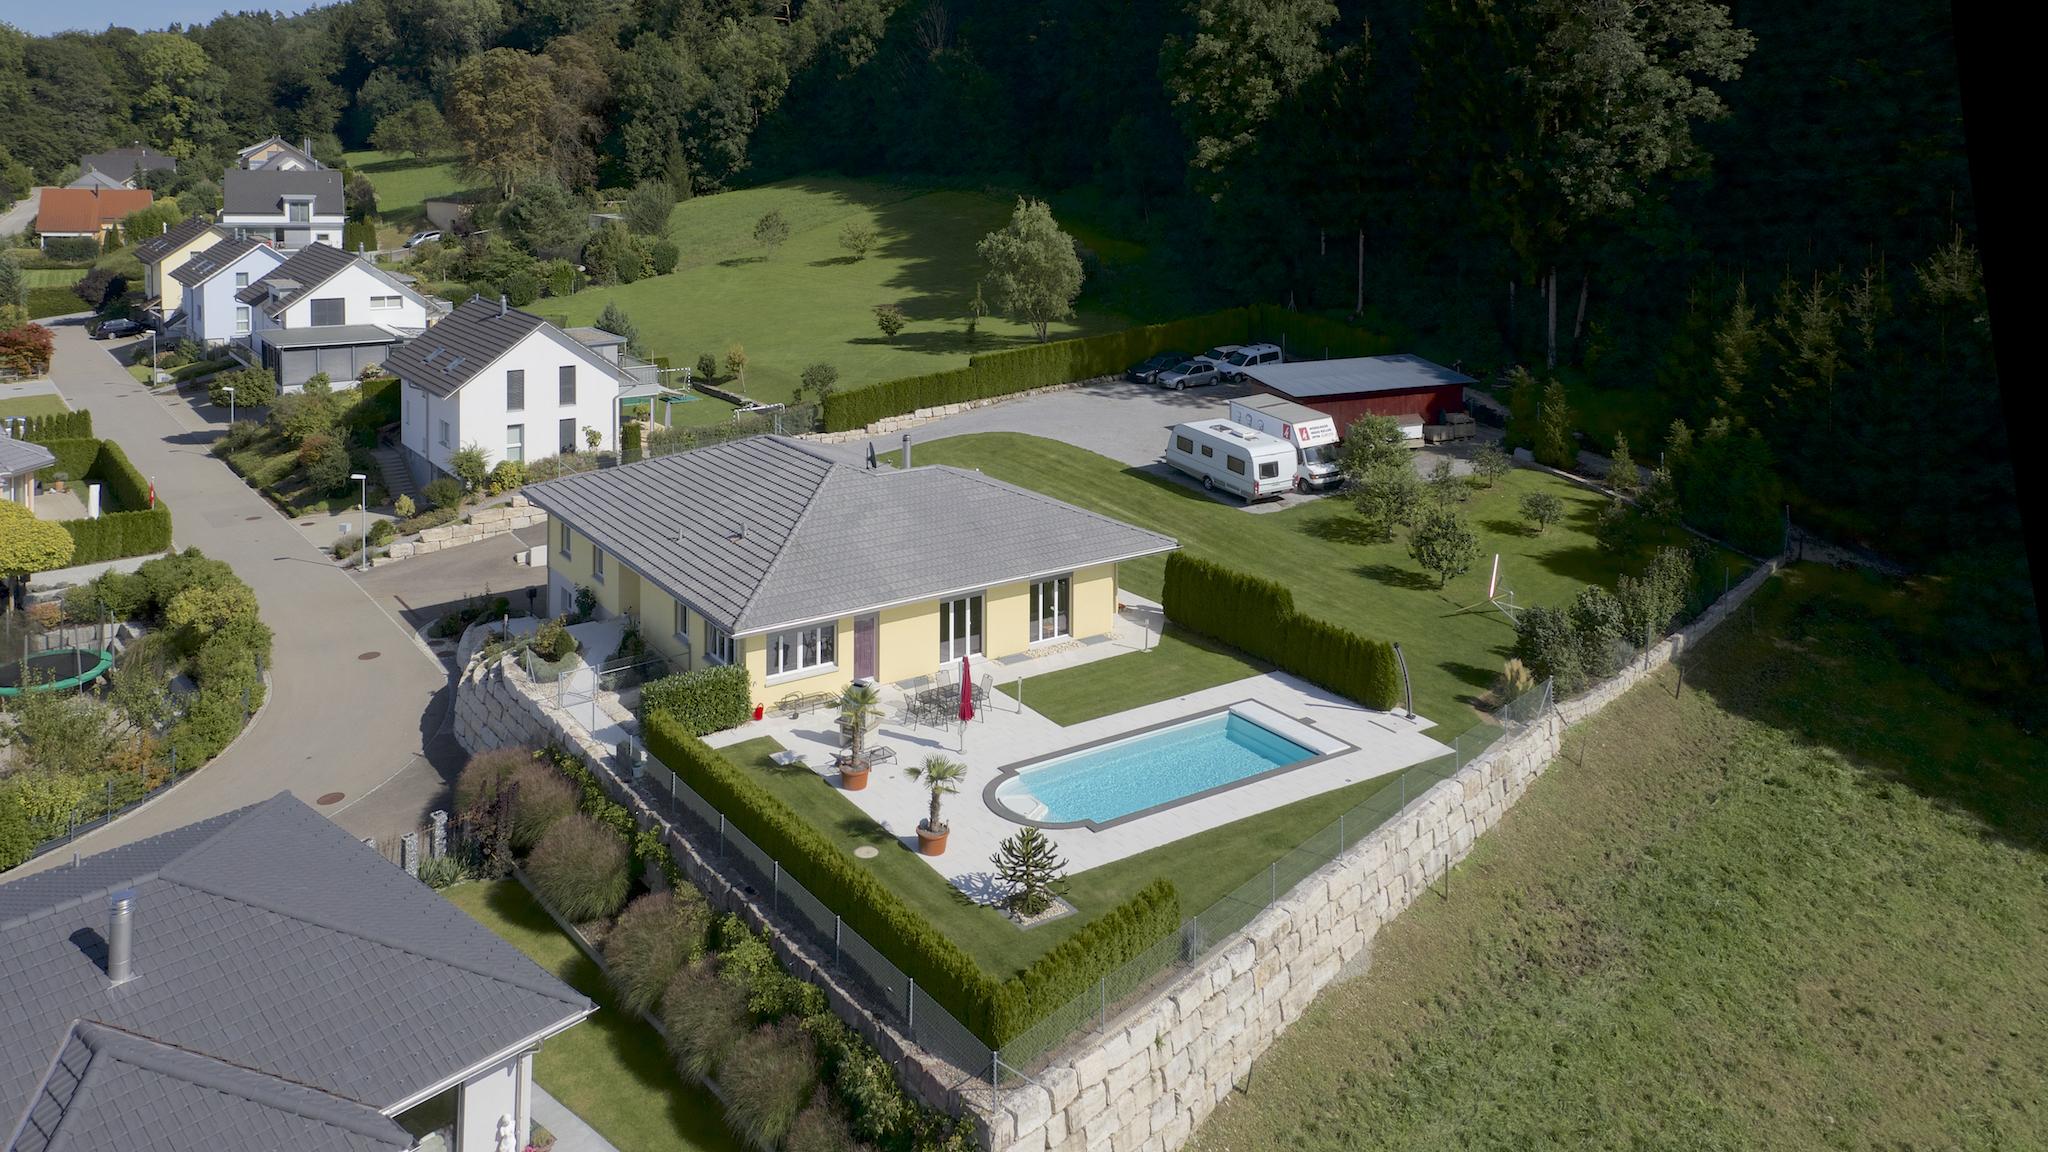 Luftperspektive der Villa